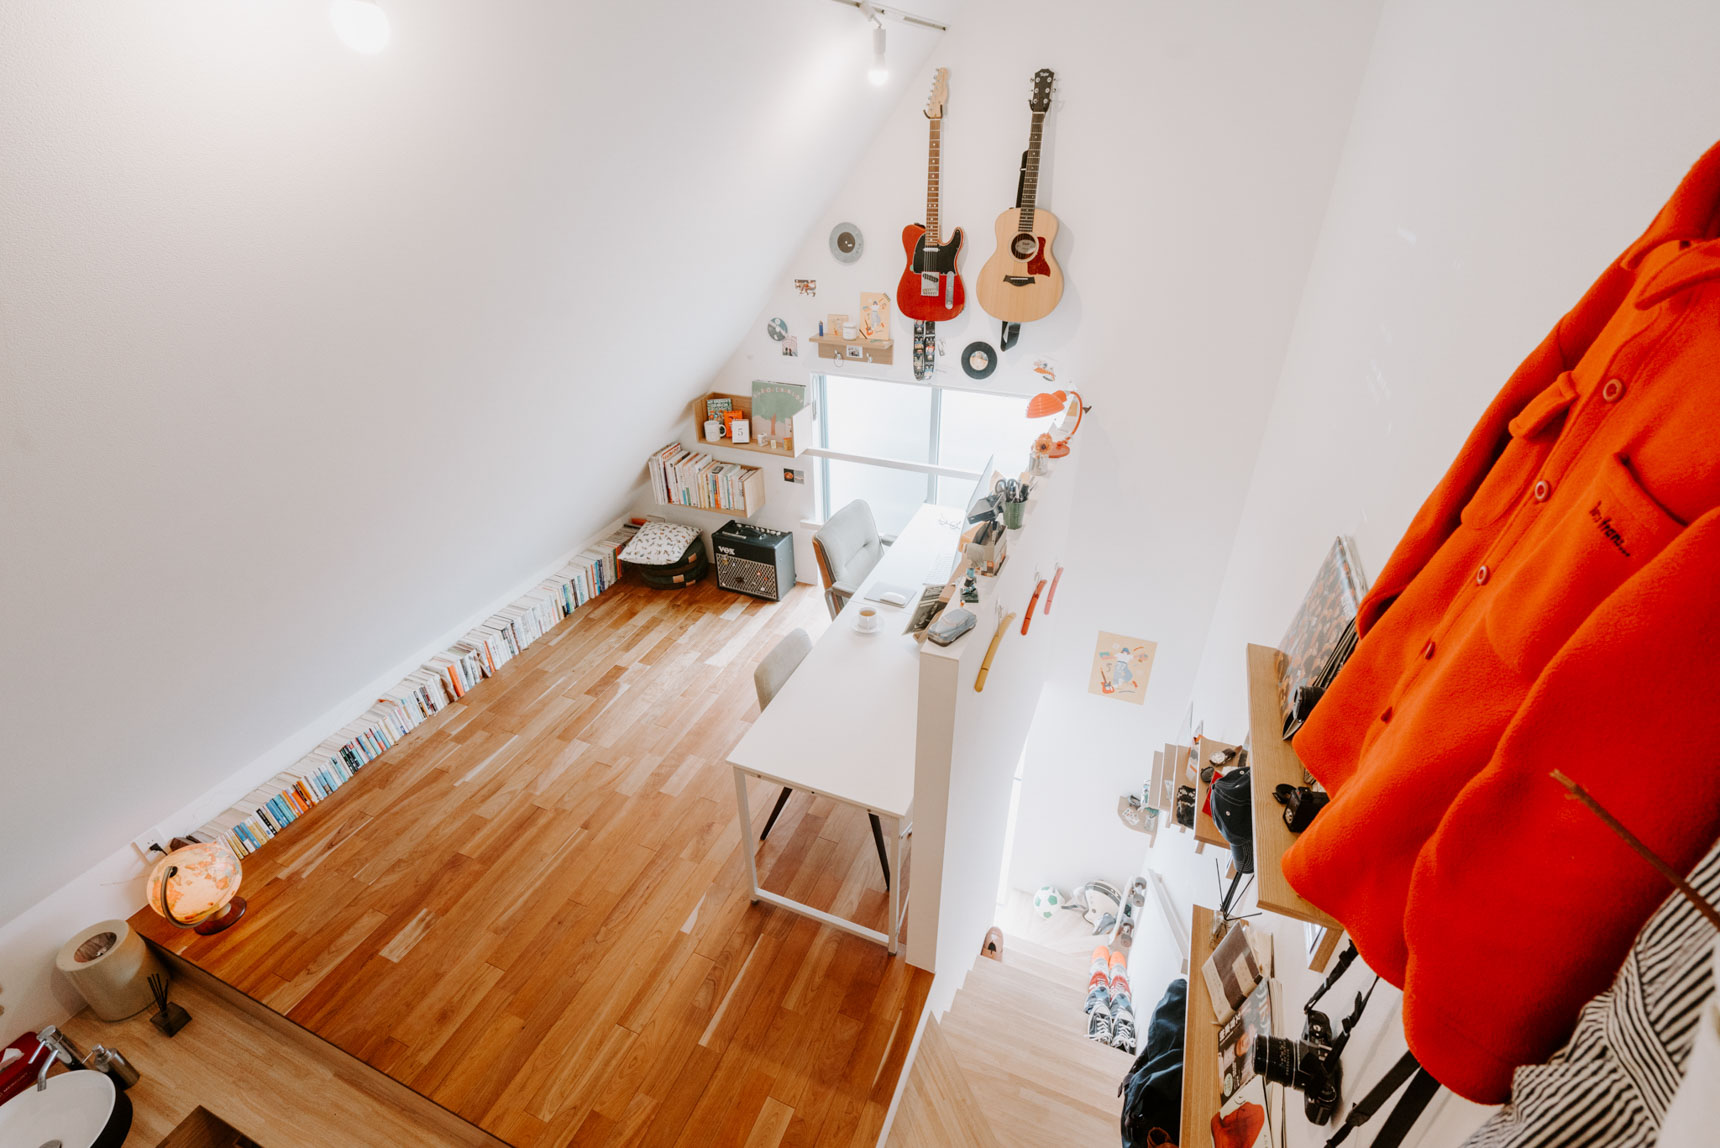 デザイナー、ミュージシャン、アパレルグッズの販売など、多方面でご活躍中の、新井リオさん。ご自宅は、高い天井にロフトつきの、「ザ・デザイナーズ」なワンルーム。